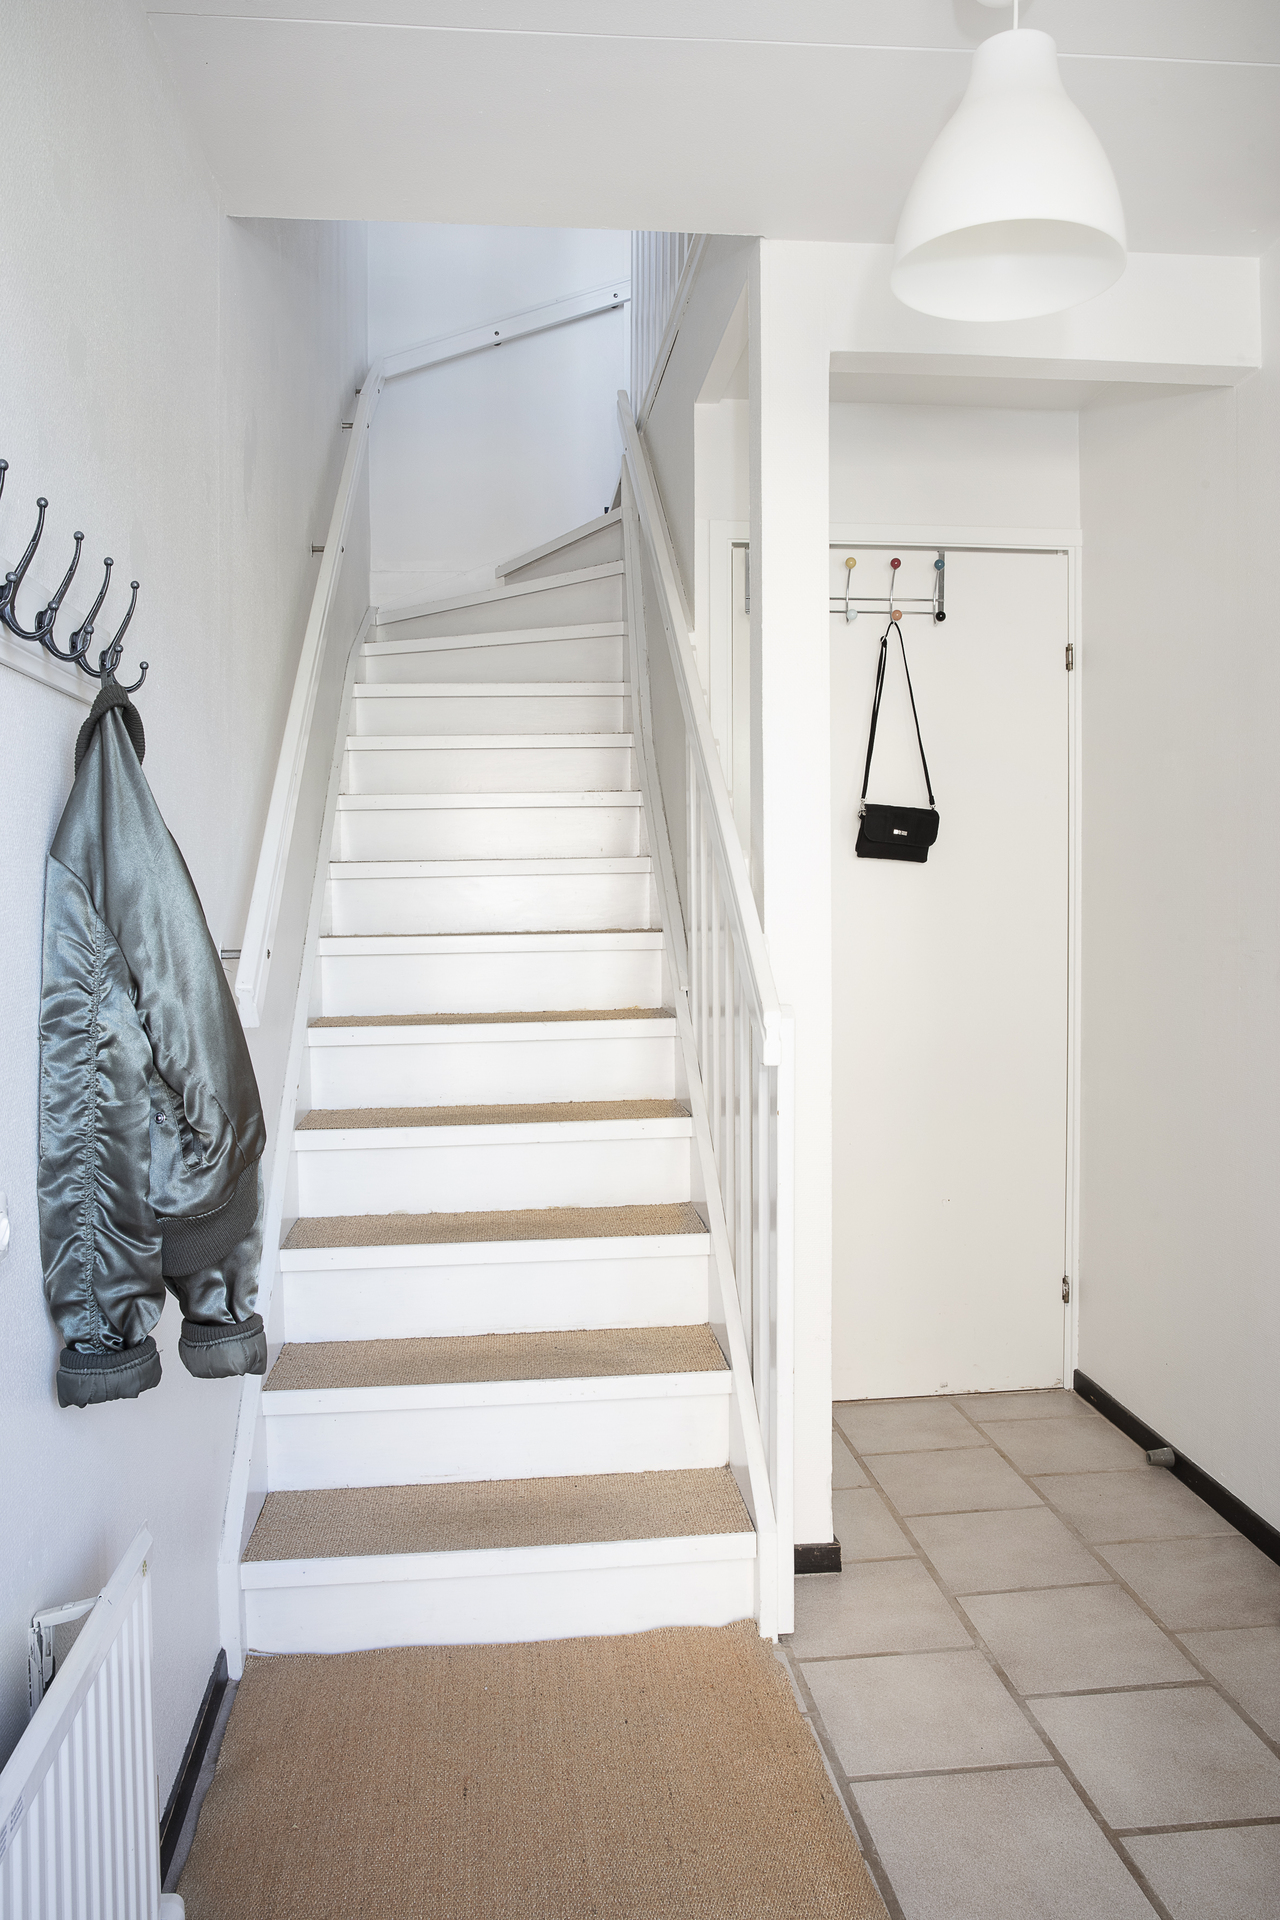 Här finns även en klädkammare och trappan som leder oss upp till matrummet